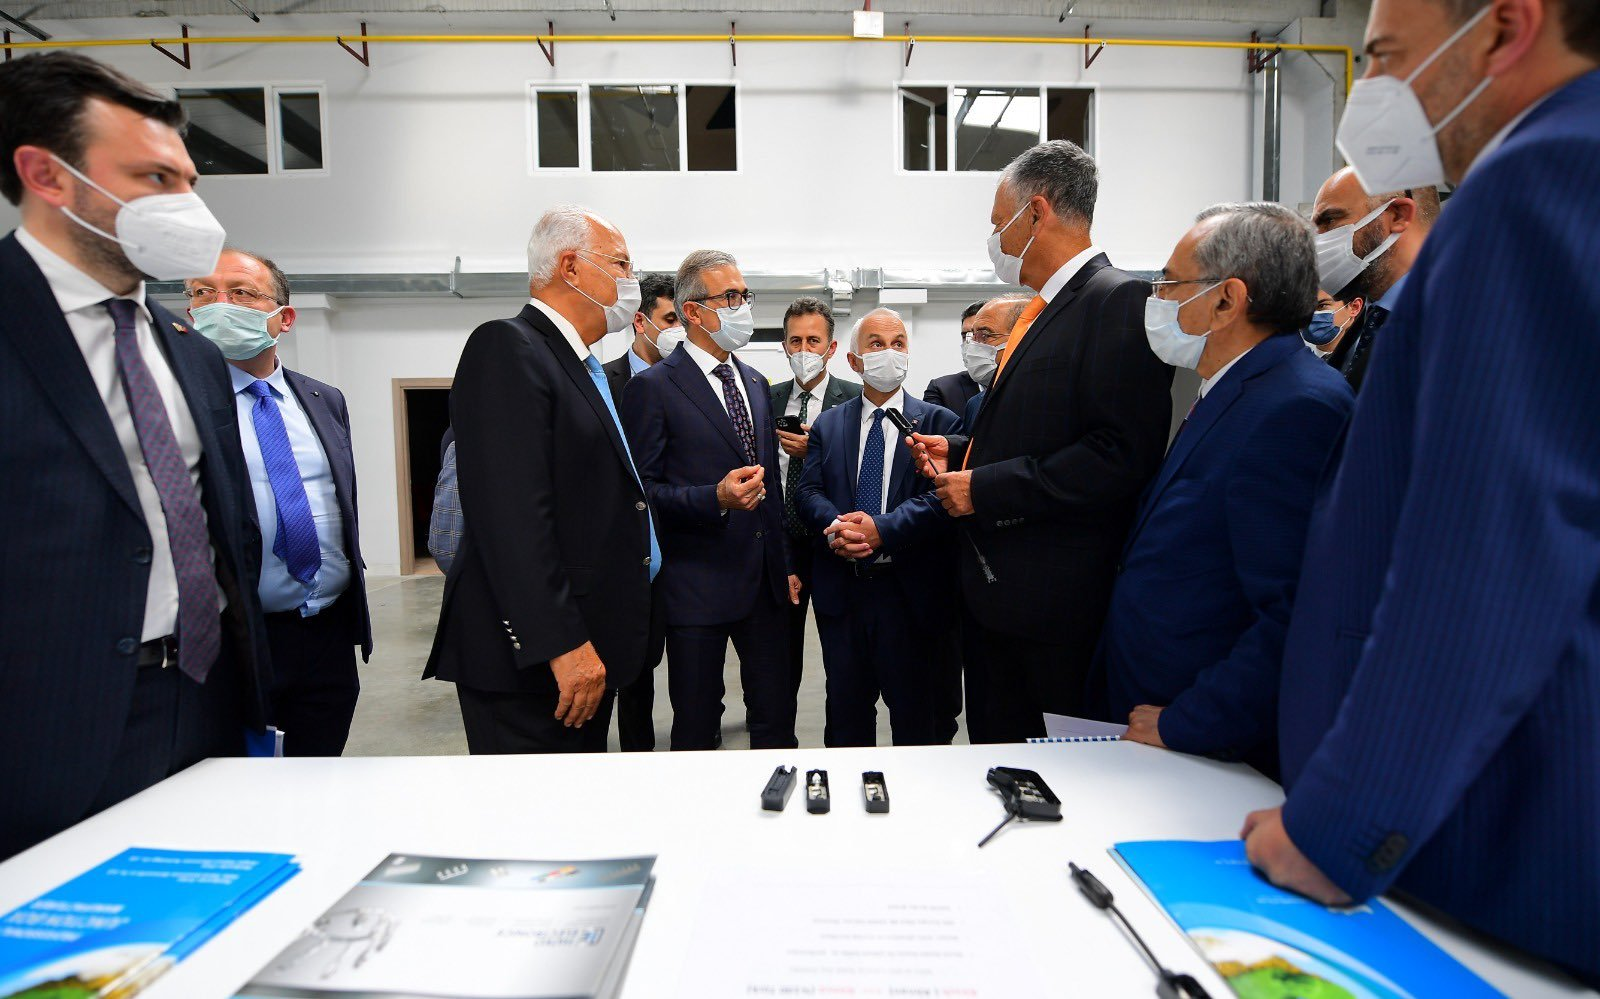 Başkan Demir: Yol haritası çizmek istiyoruz #video